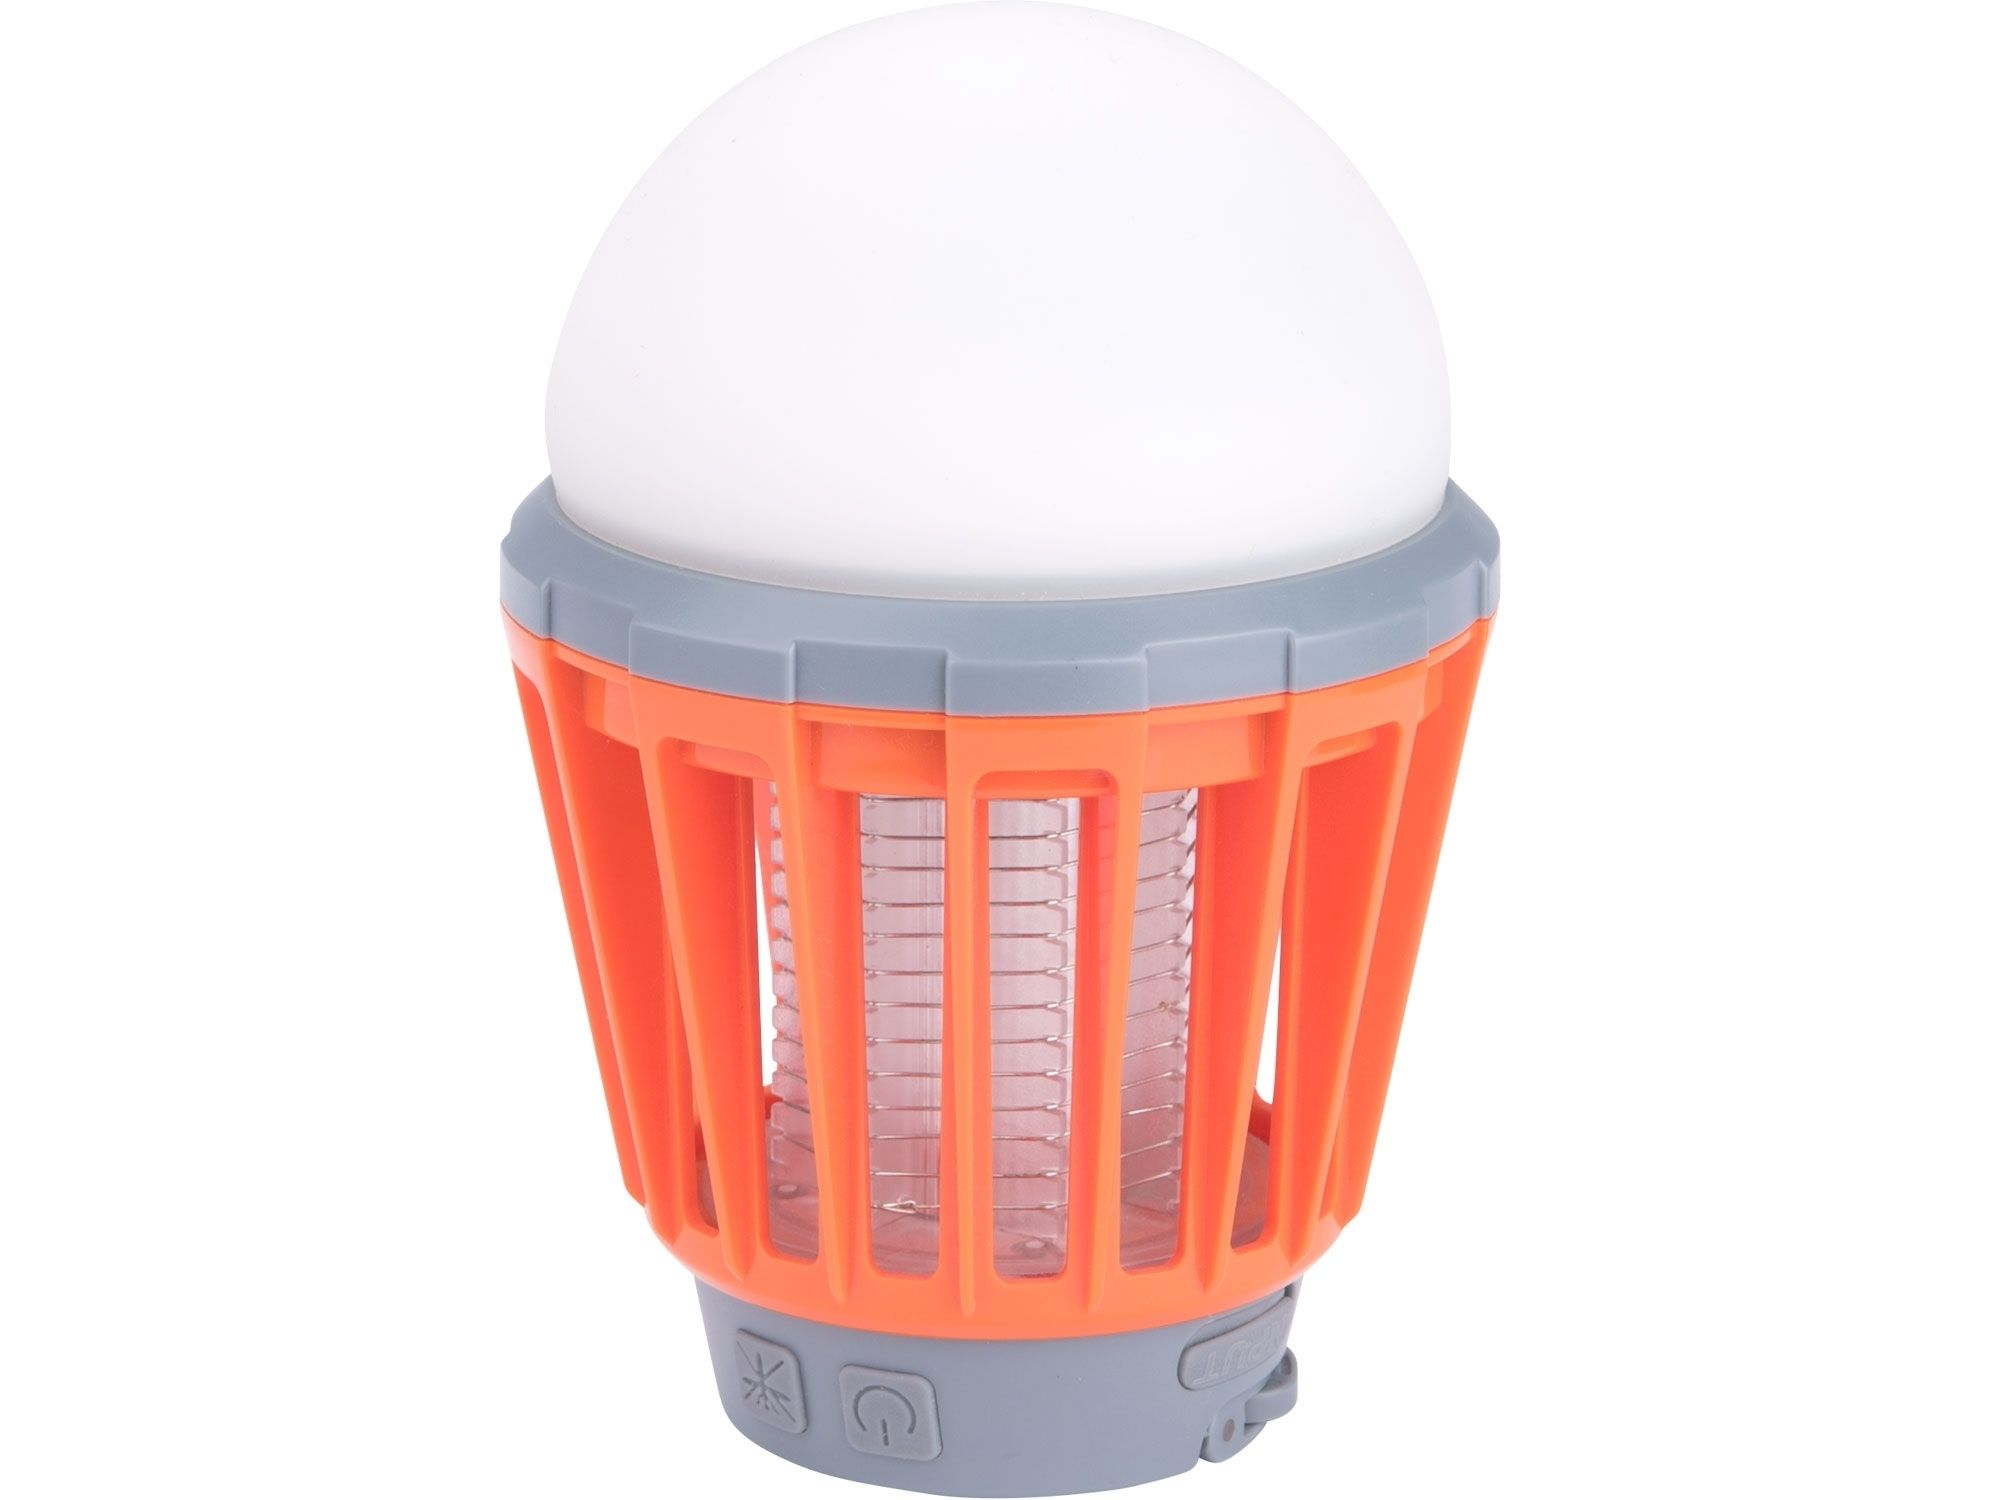 Lucerna turistická s lapačem komárů, 180lm, USB nabíjení, 3x 1W LED EXTOL-LIGHT